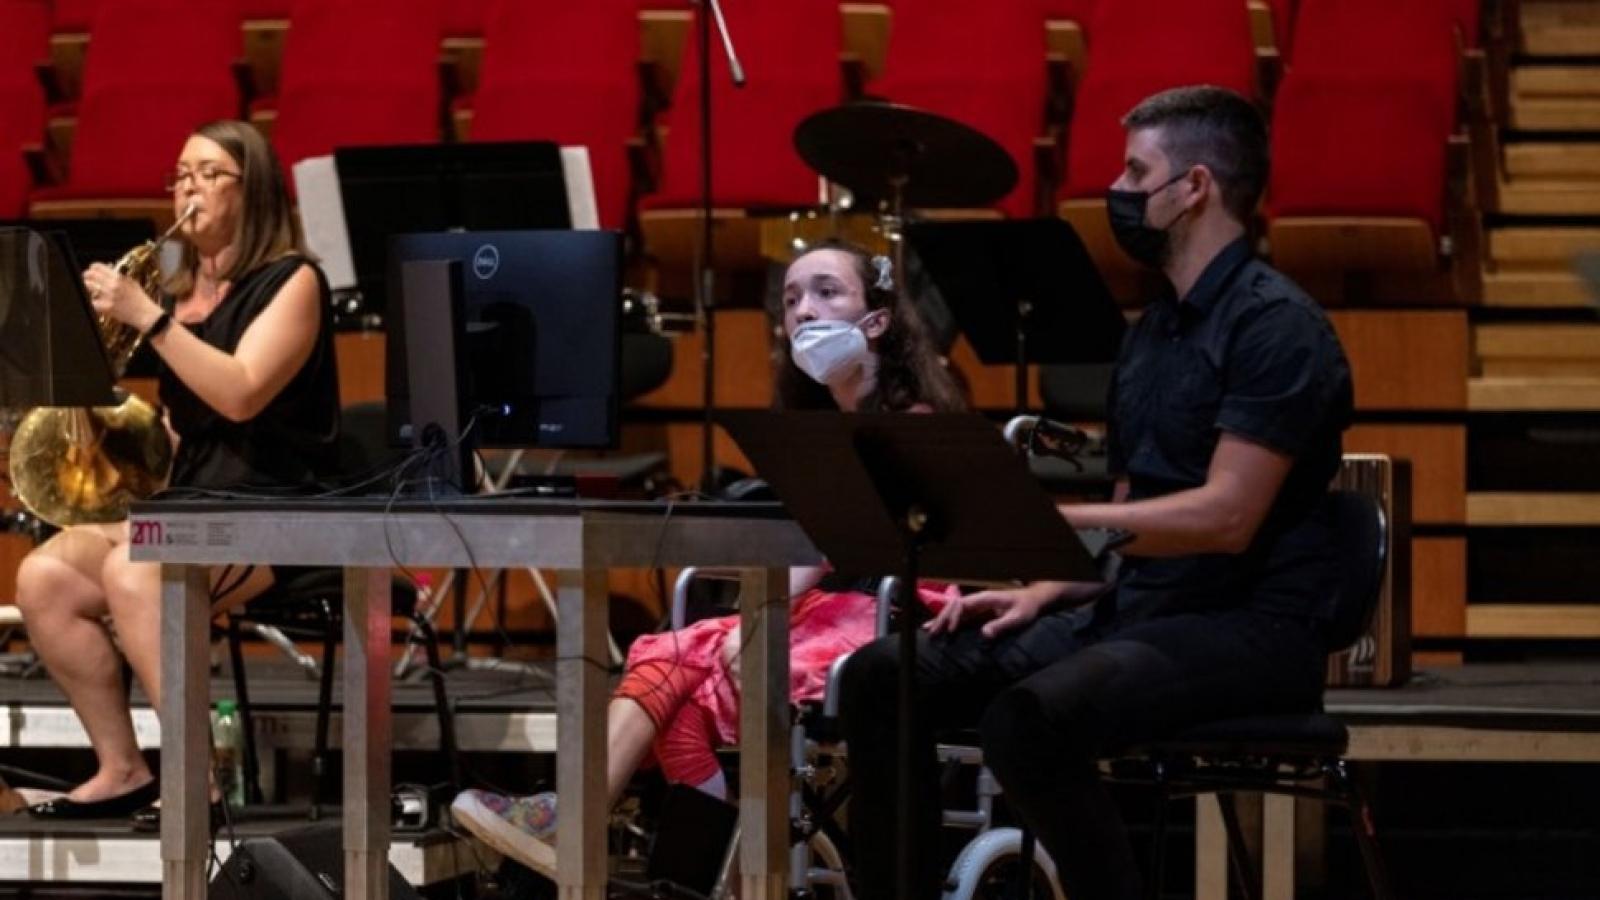 Công nghệ bắt chuyển động mắt: Cơ hộiâm nhạc chongười khuyết tật